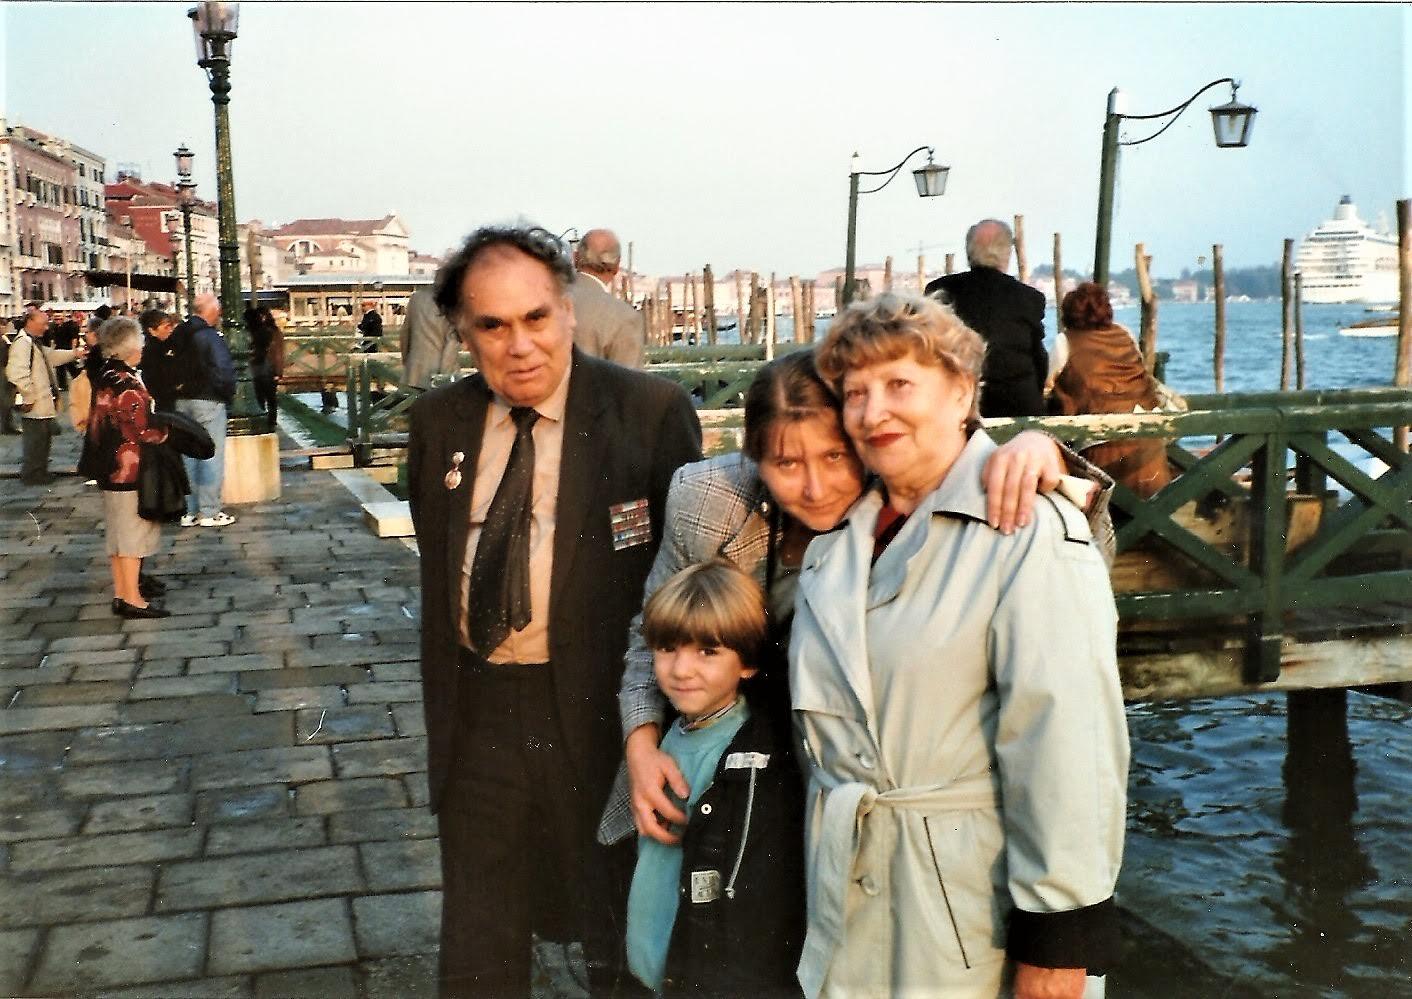 В 90е папа приезжал поездом до Венеции. Я его встречала на вокзале Санта Лючия. В 1996 он приехал вдвоем с мамой.